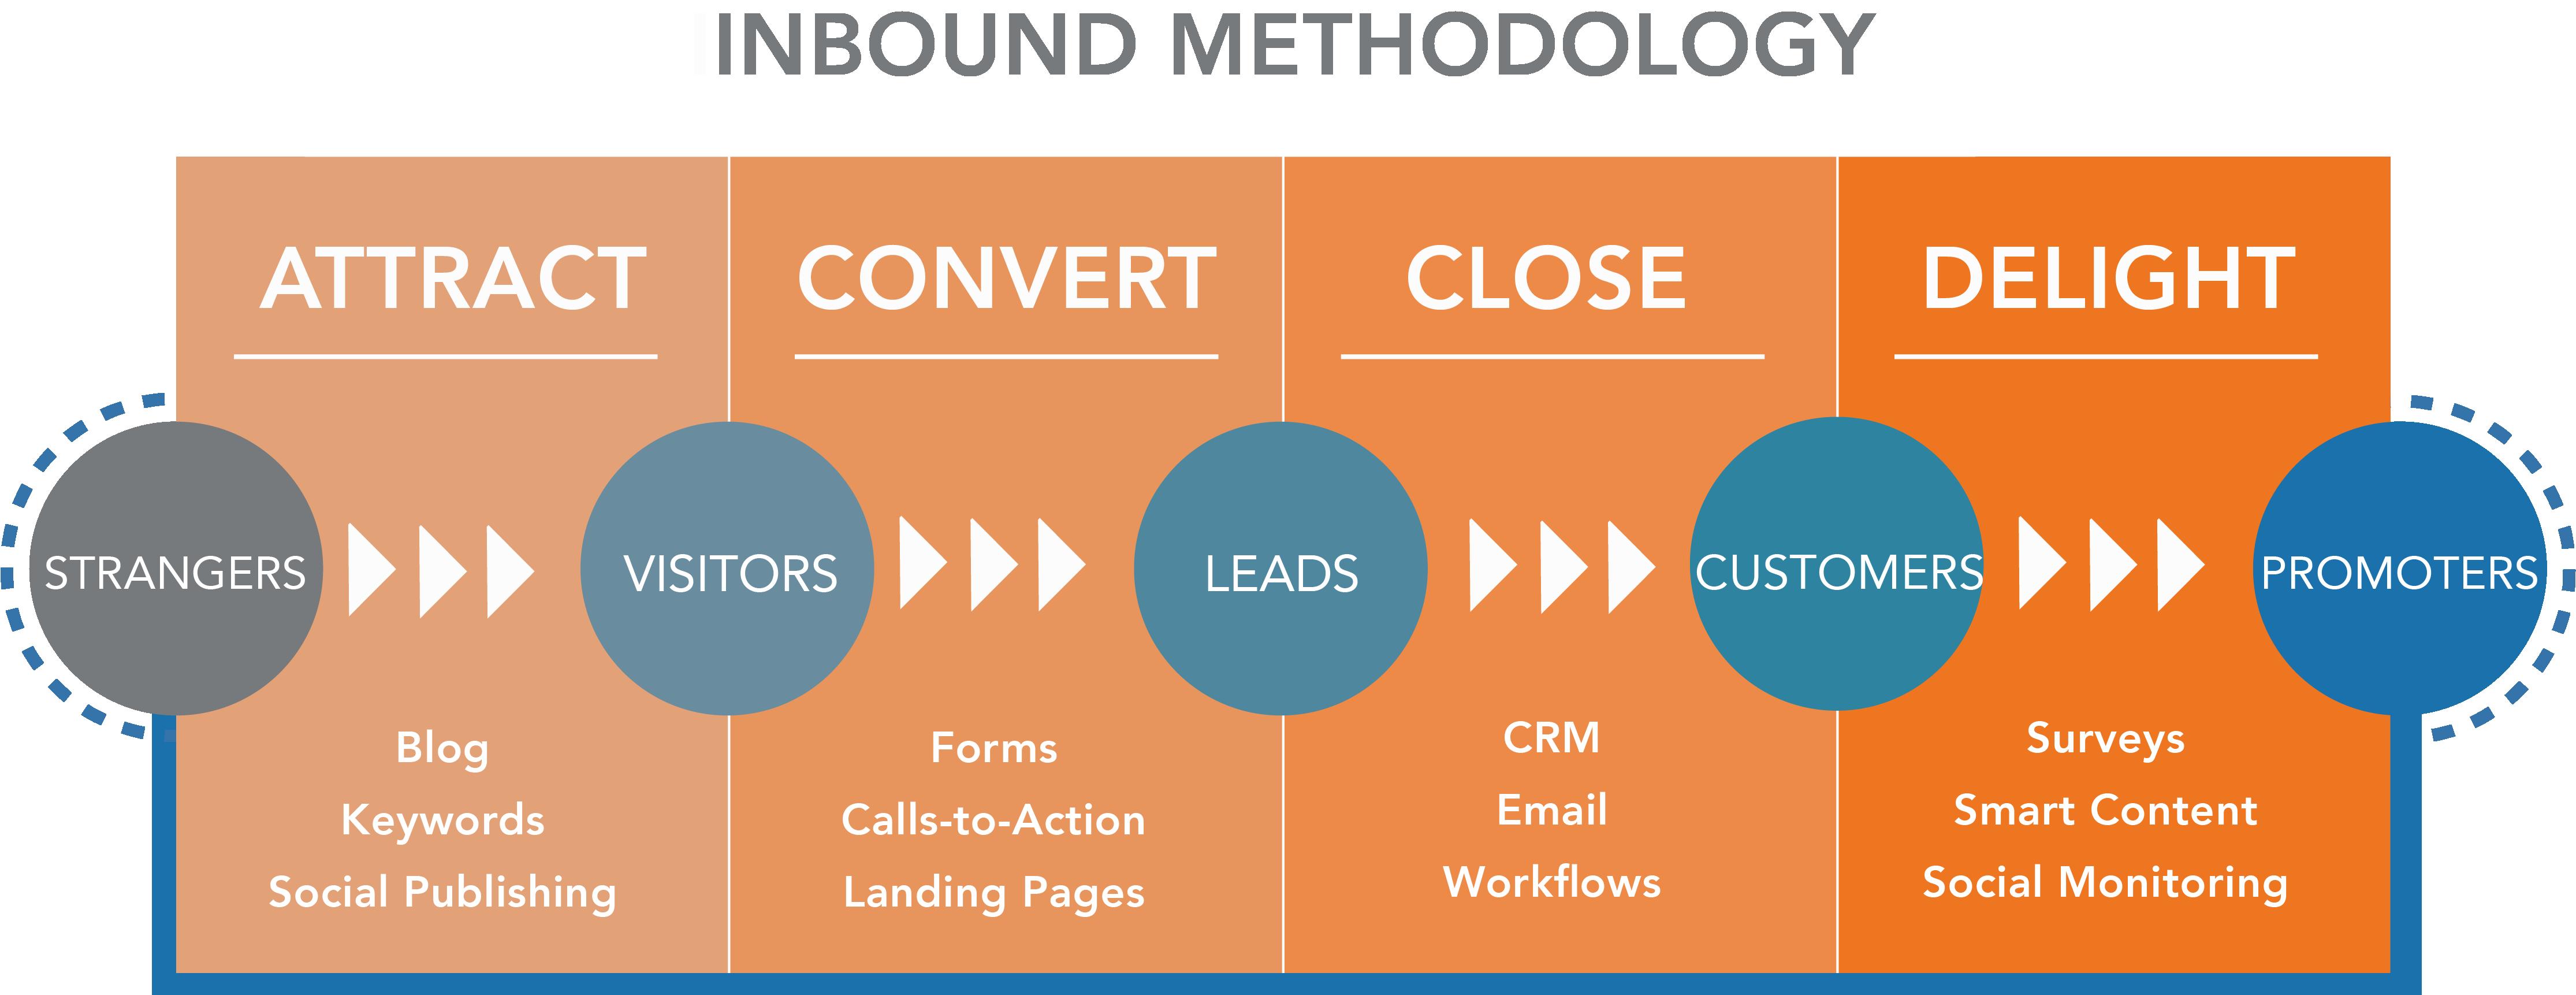 Inbound Methodology Graphic